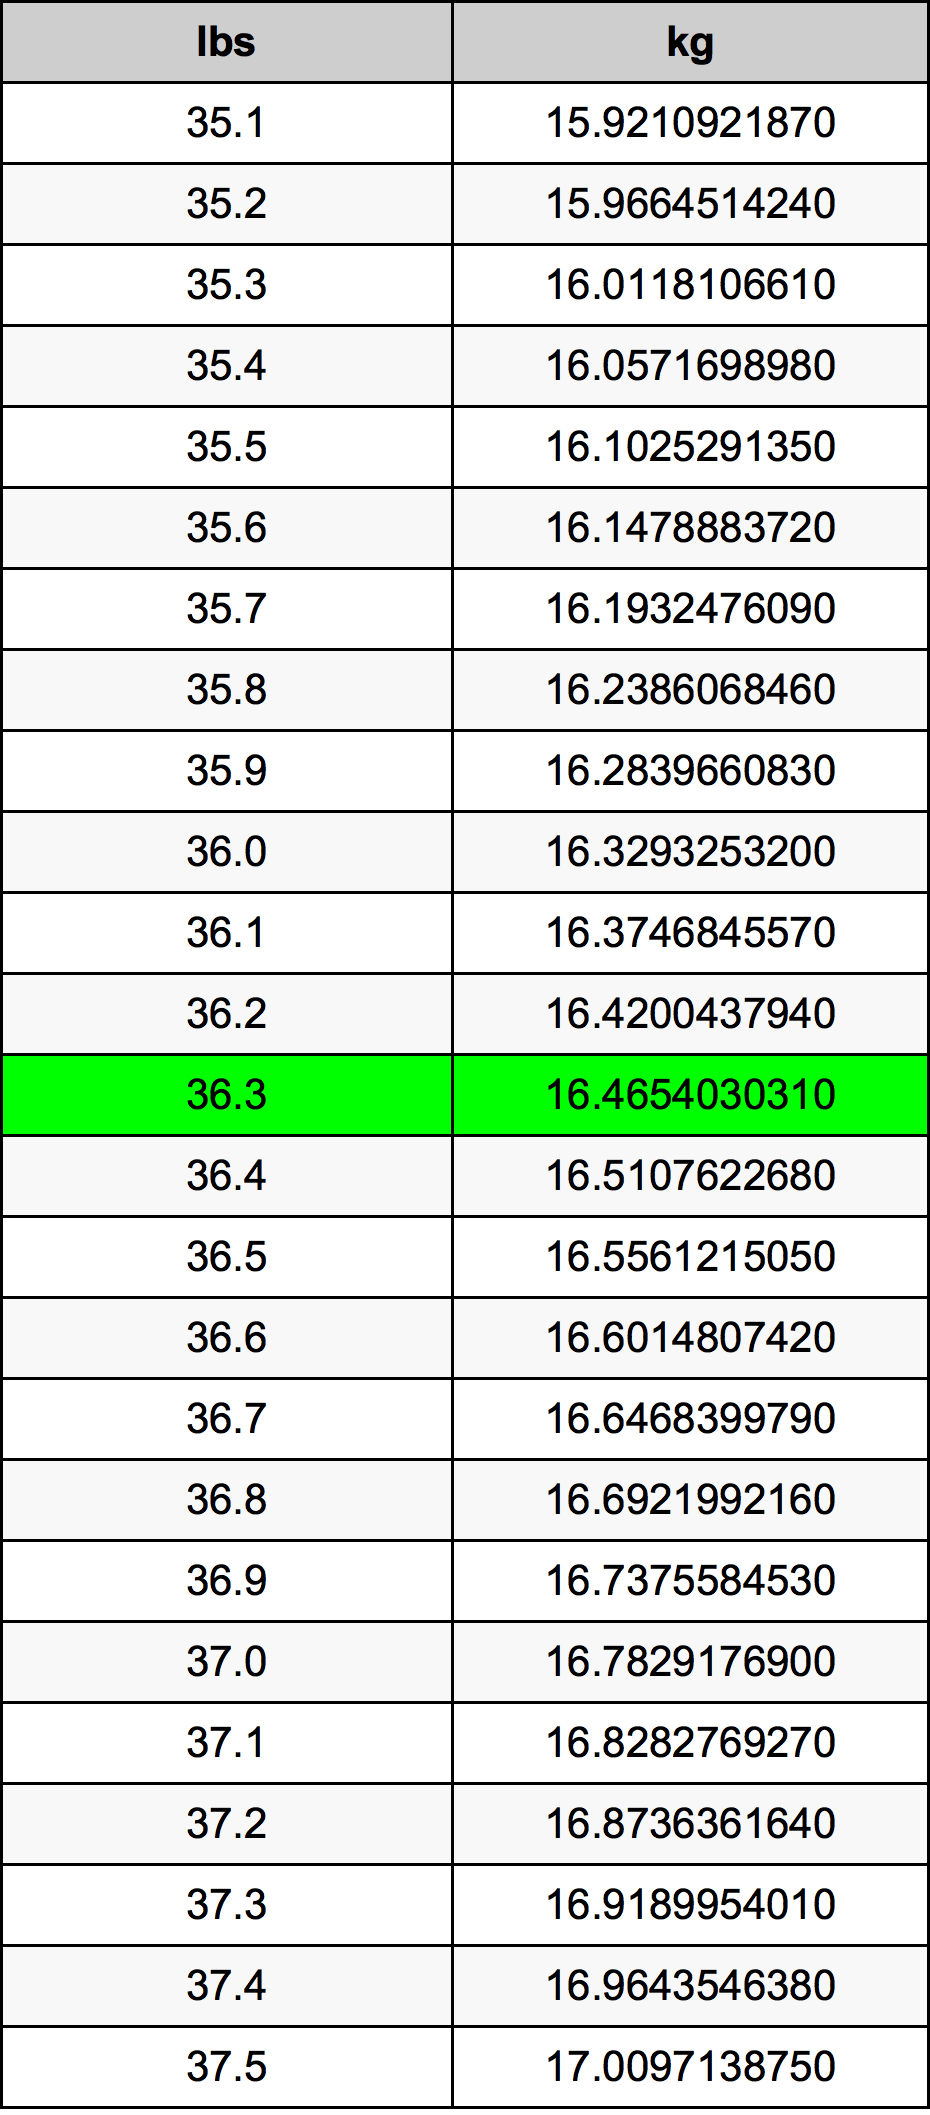 36.3 livră tabelul de conversie